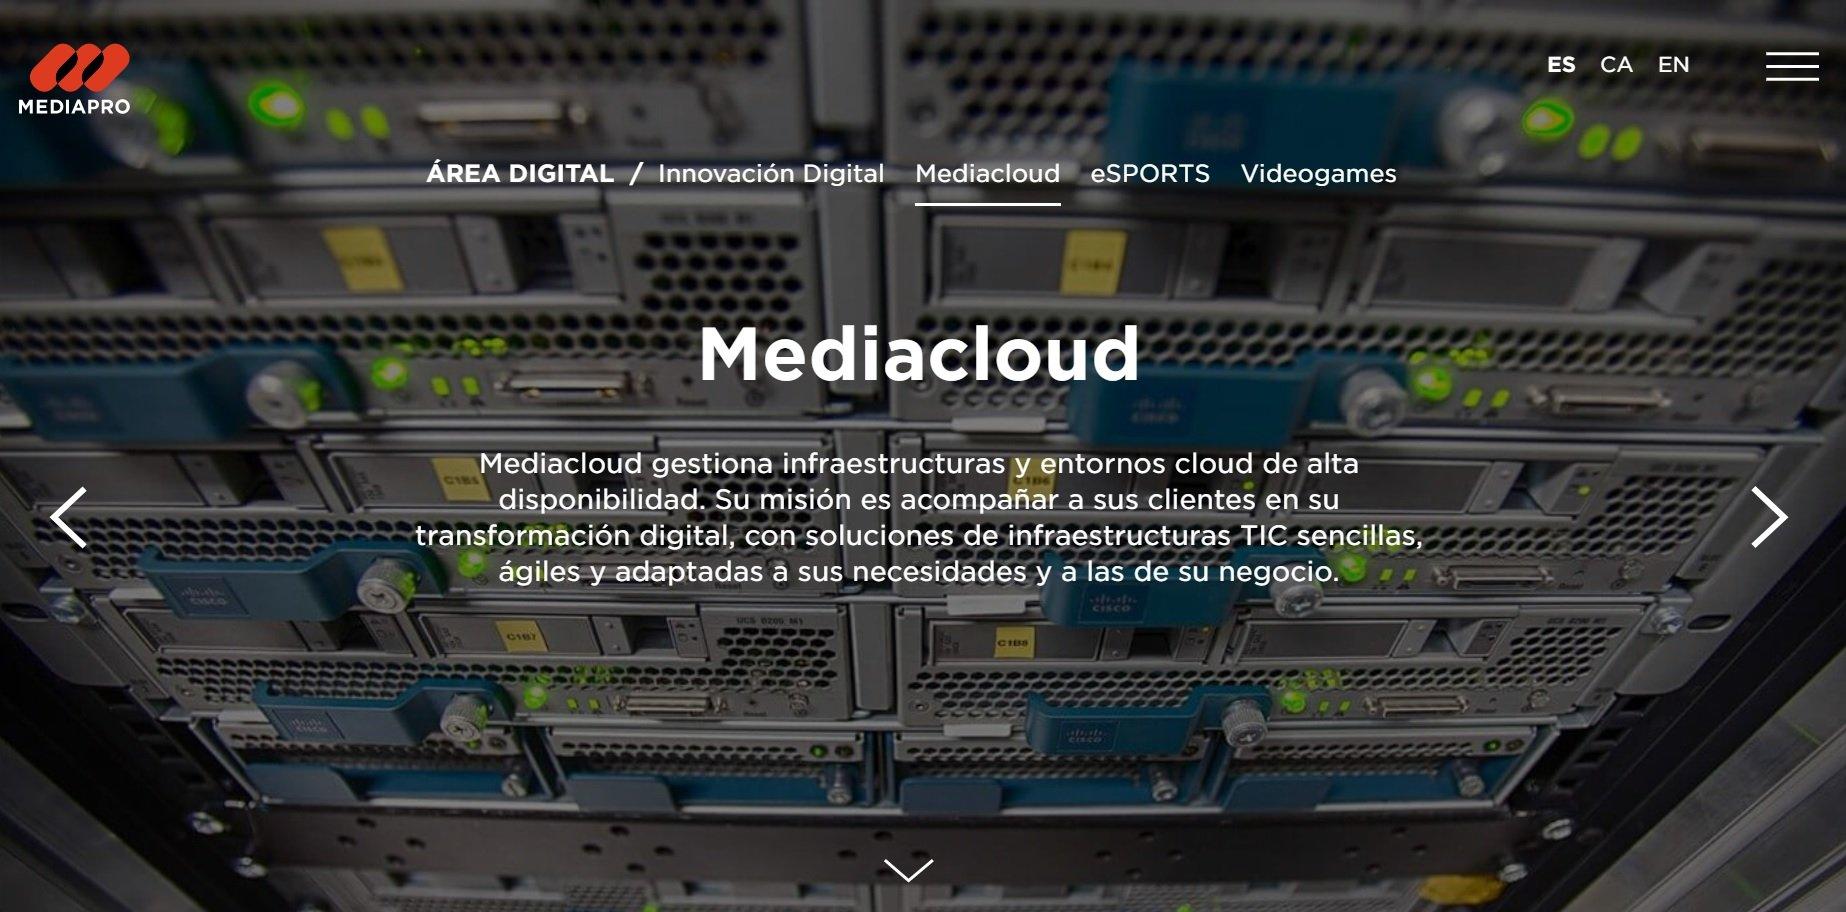 Imagen de la web de Mediacloud, empresa del grupo Mediapro